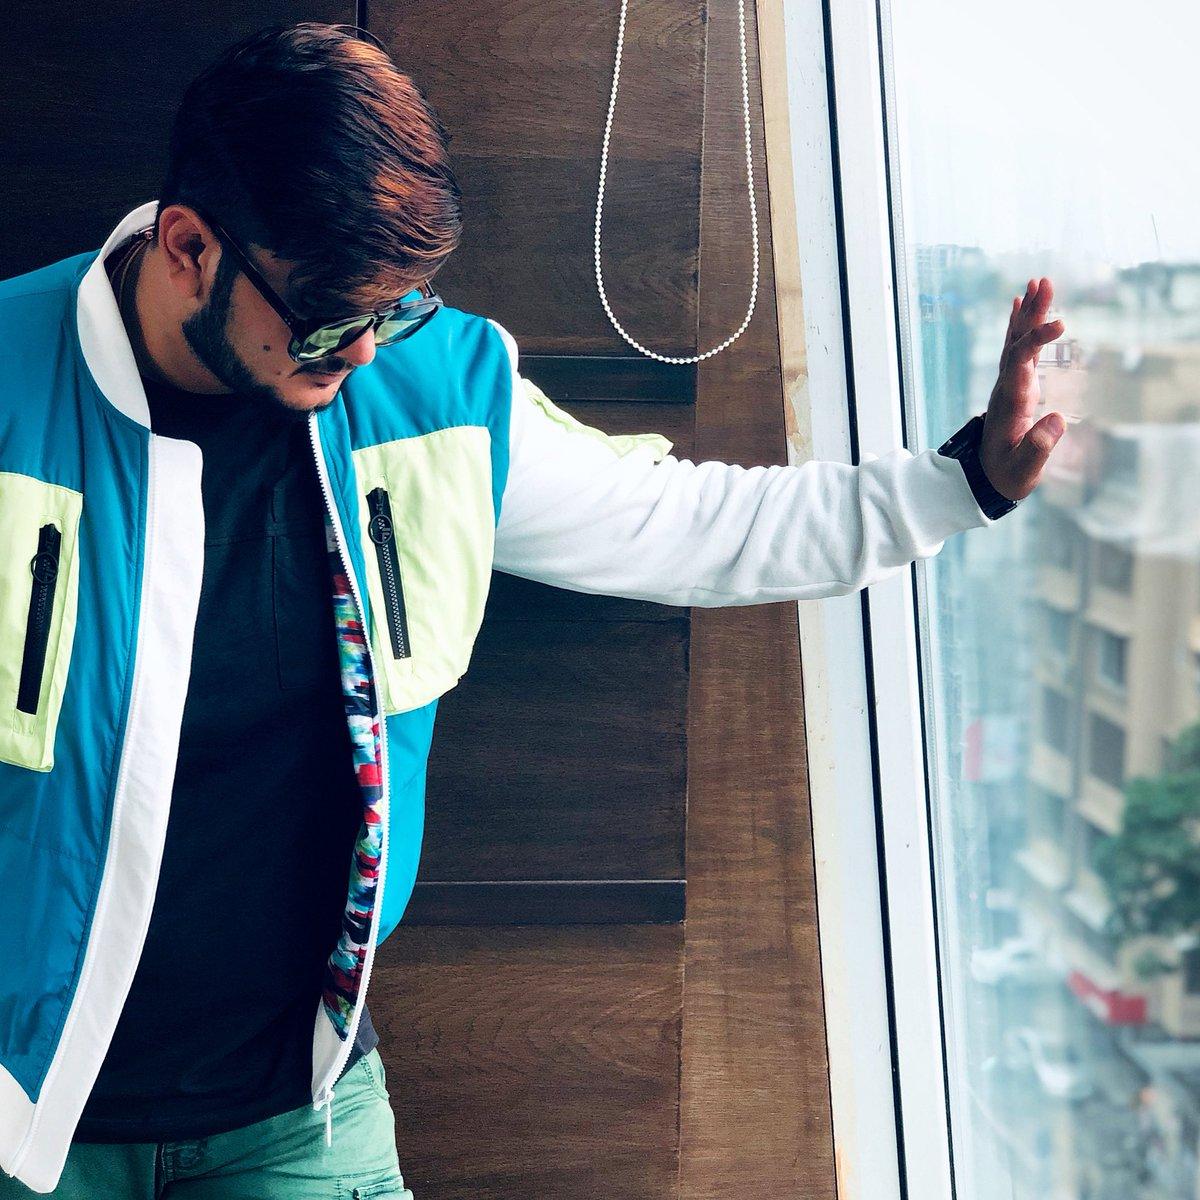 Apki Tareef Me Kya Kahein, Aap Humari Jaan Ban Gaye ❤️ #JaanBanGaye